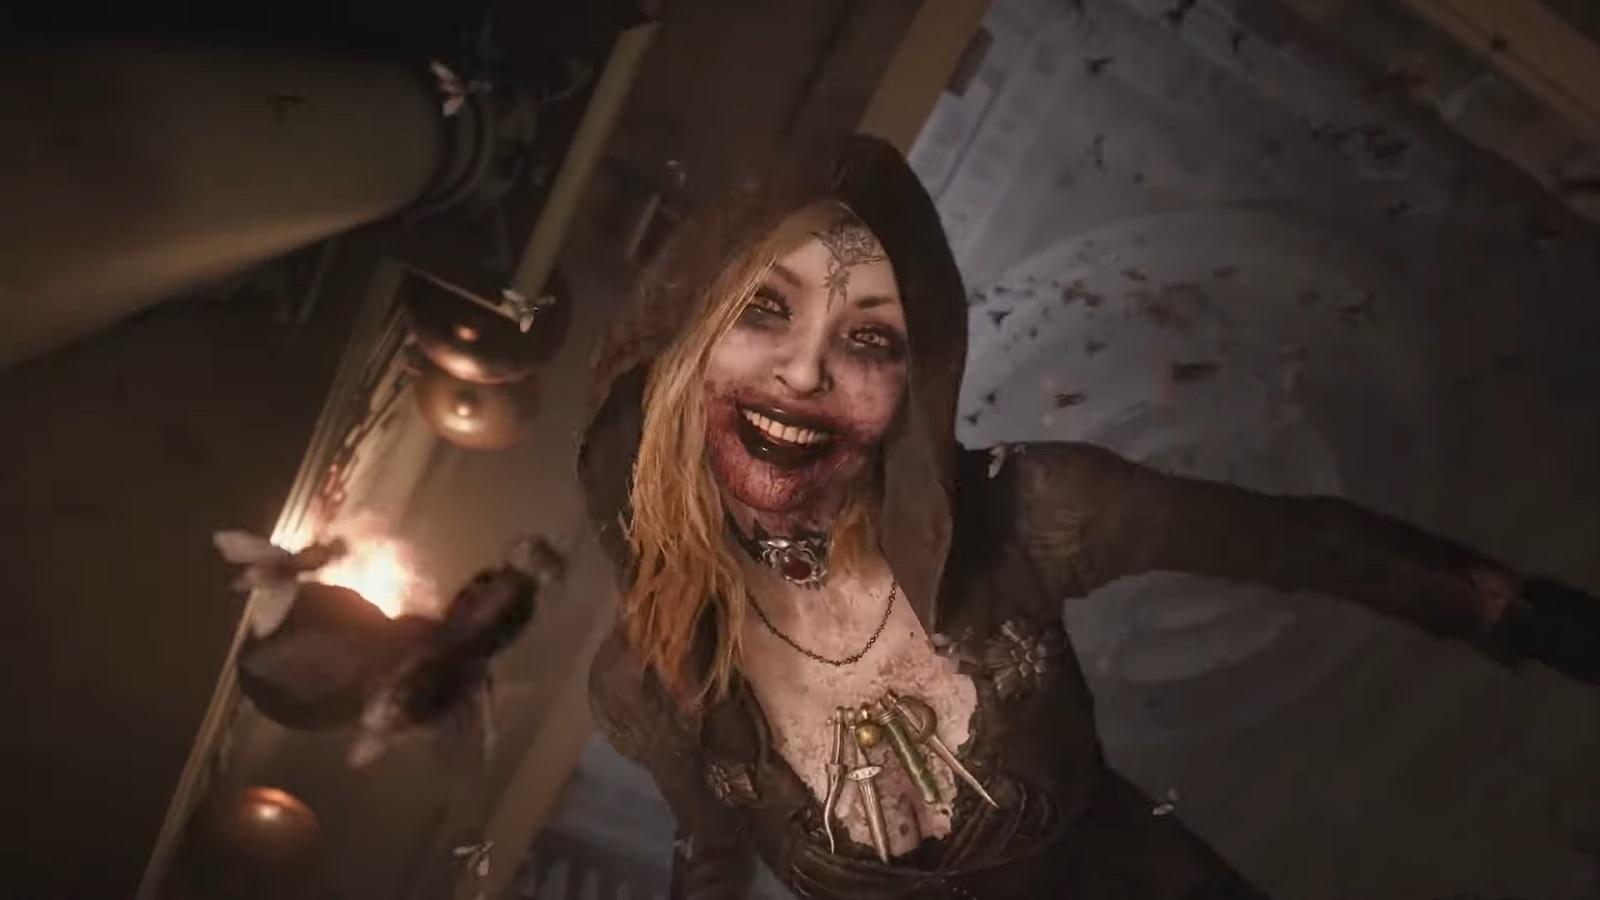 Стартовали предзаказы Resident Evil Village — Steam-версия оказалась в два с половиной раза дешевле консольных